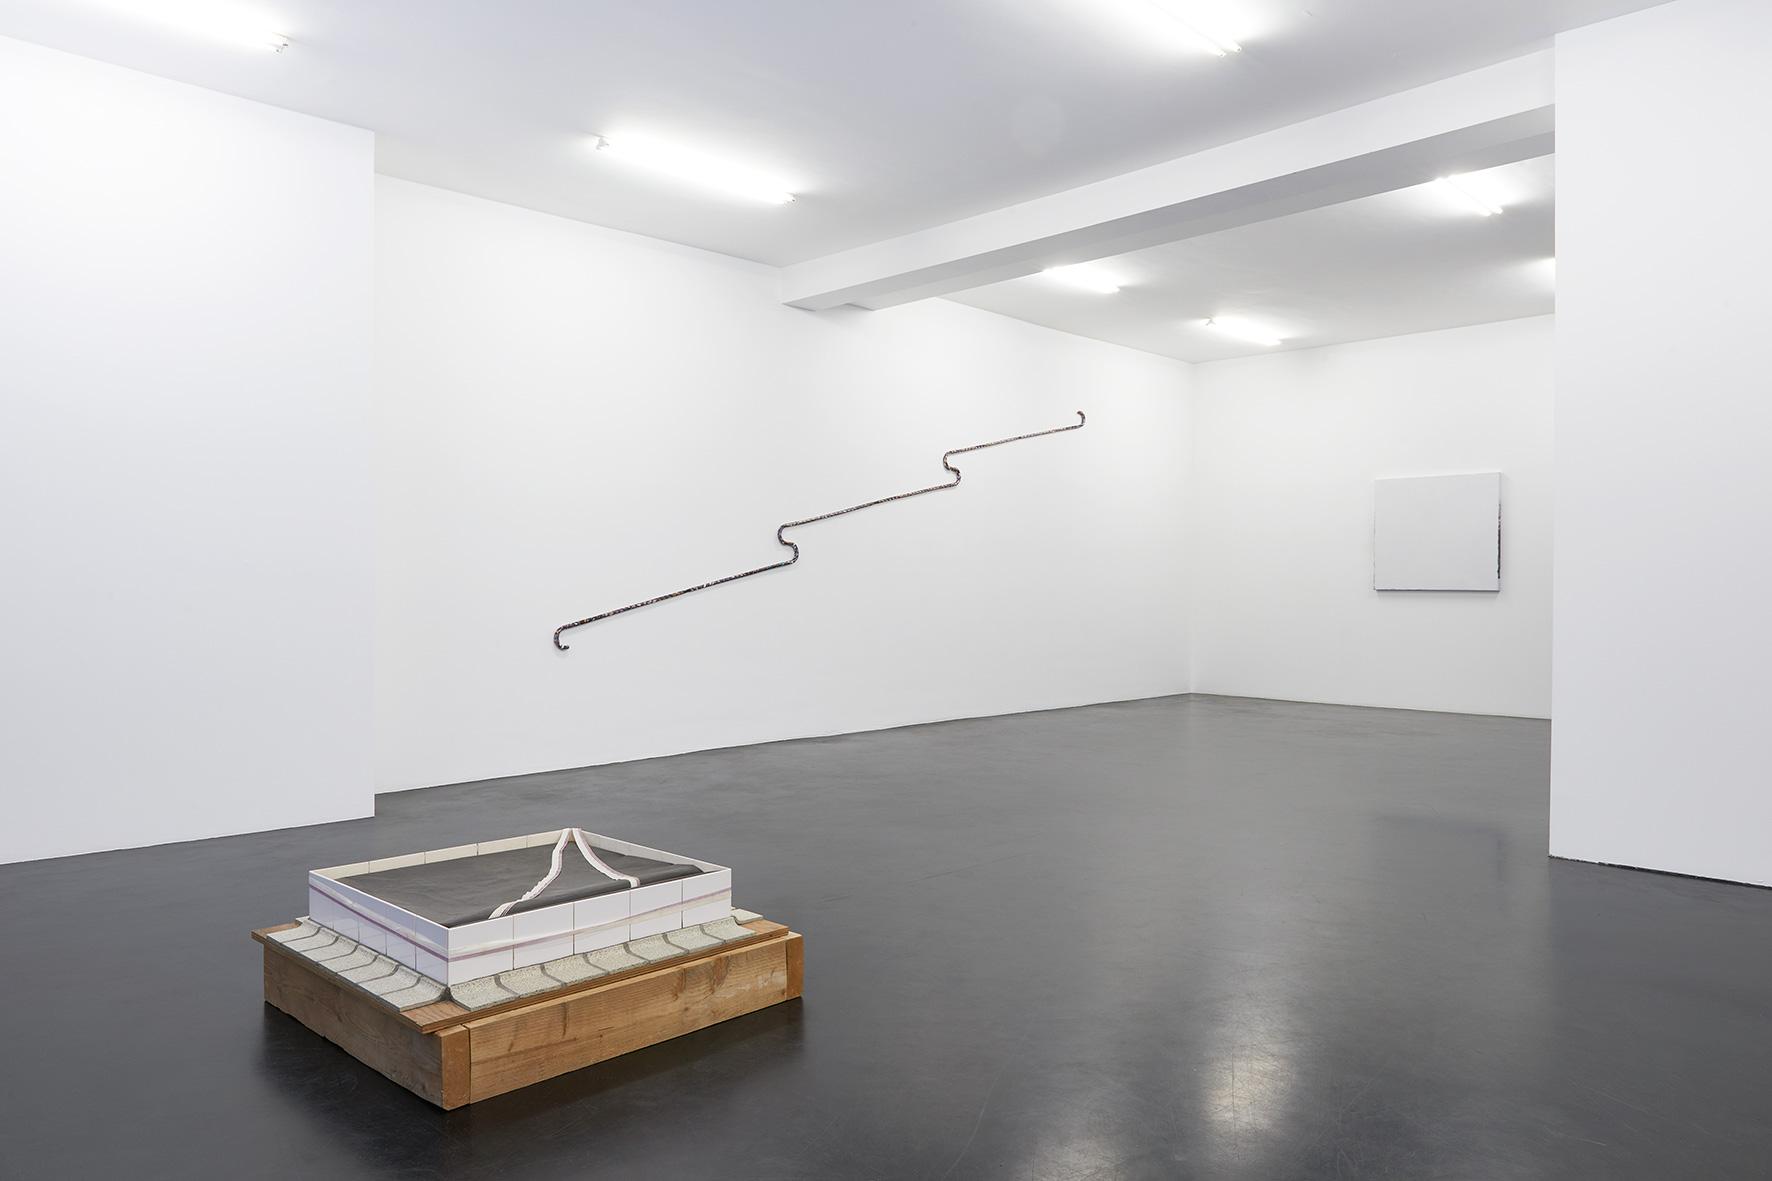 Ger van Elk_Installation View_7_Markus Luettgen Gallery